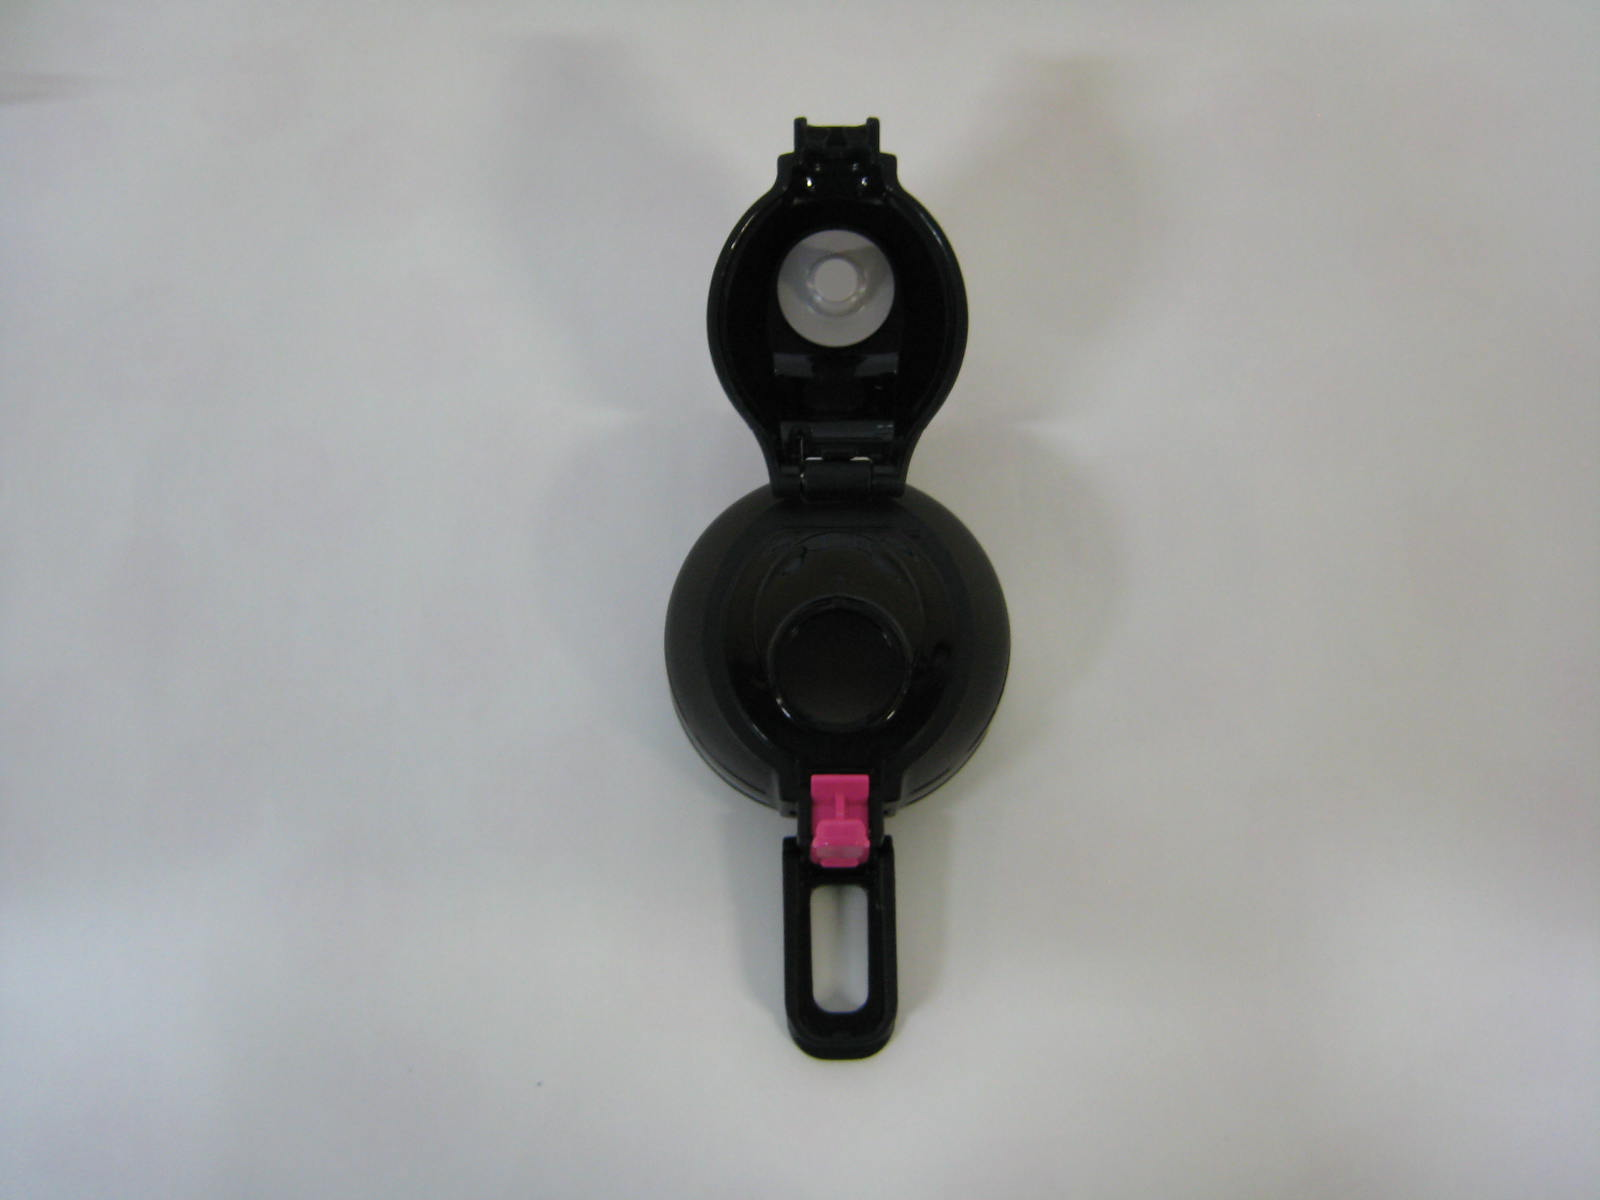 選択 キャップパッキンつき いよいよ人気ブランド 象印部品:せんカバーS ピンクブラック BB478K01L-08 ステンレス2WAYボトル用〔80g-4〕〔メール便対応可〕 キャップパッキン付